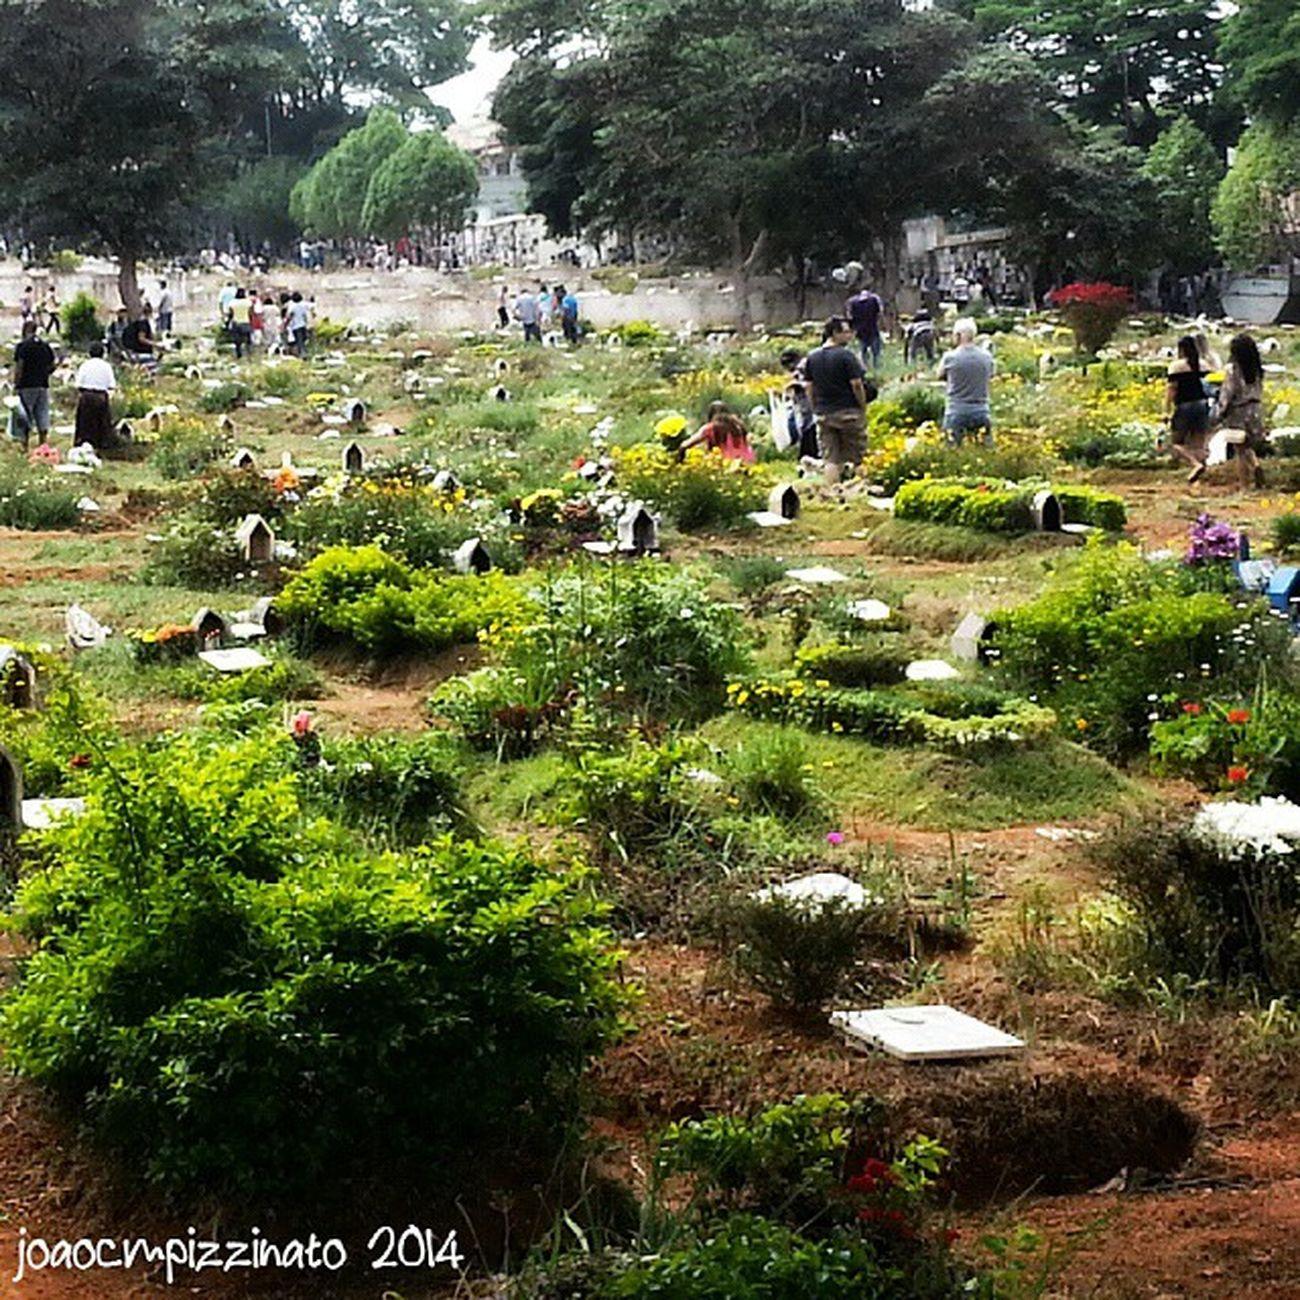 Dia de Finados. All Souls' day. Cemetery Art Peace Finados allsoulsday urban colors city zonasul saopaulo brasil photography